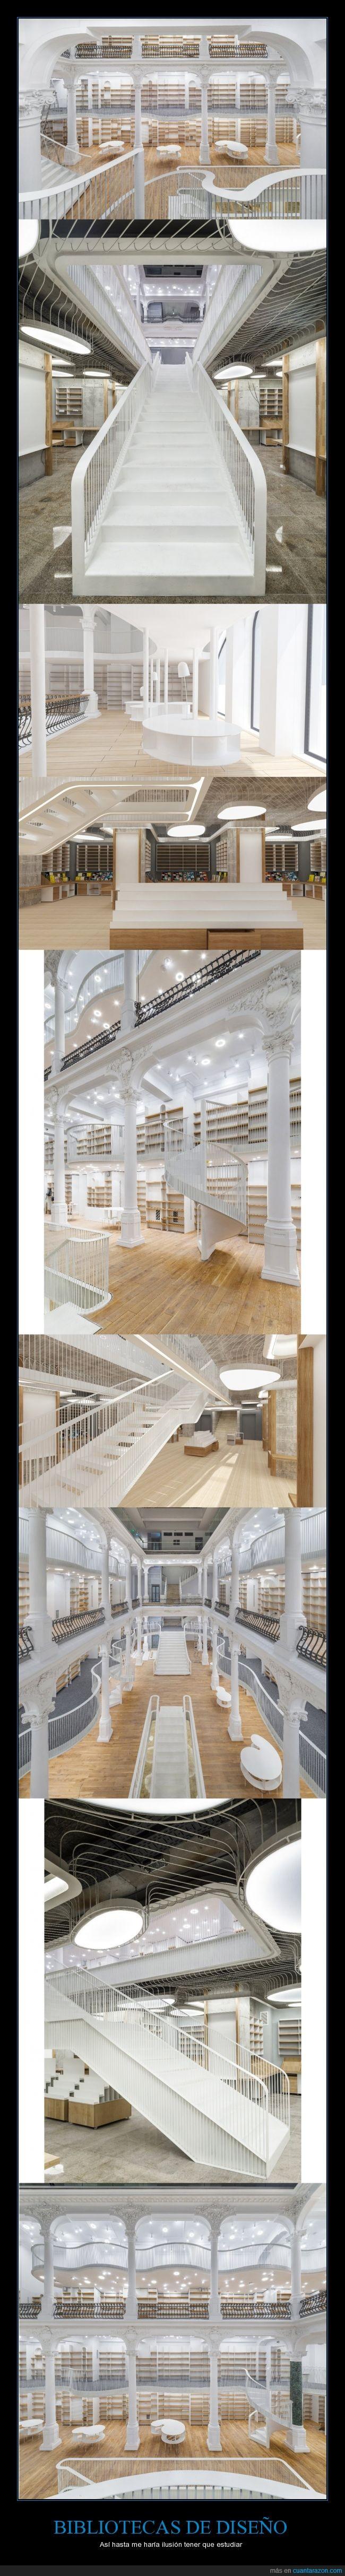 biblioteca,blanca,escalera,libros,madera,nueva